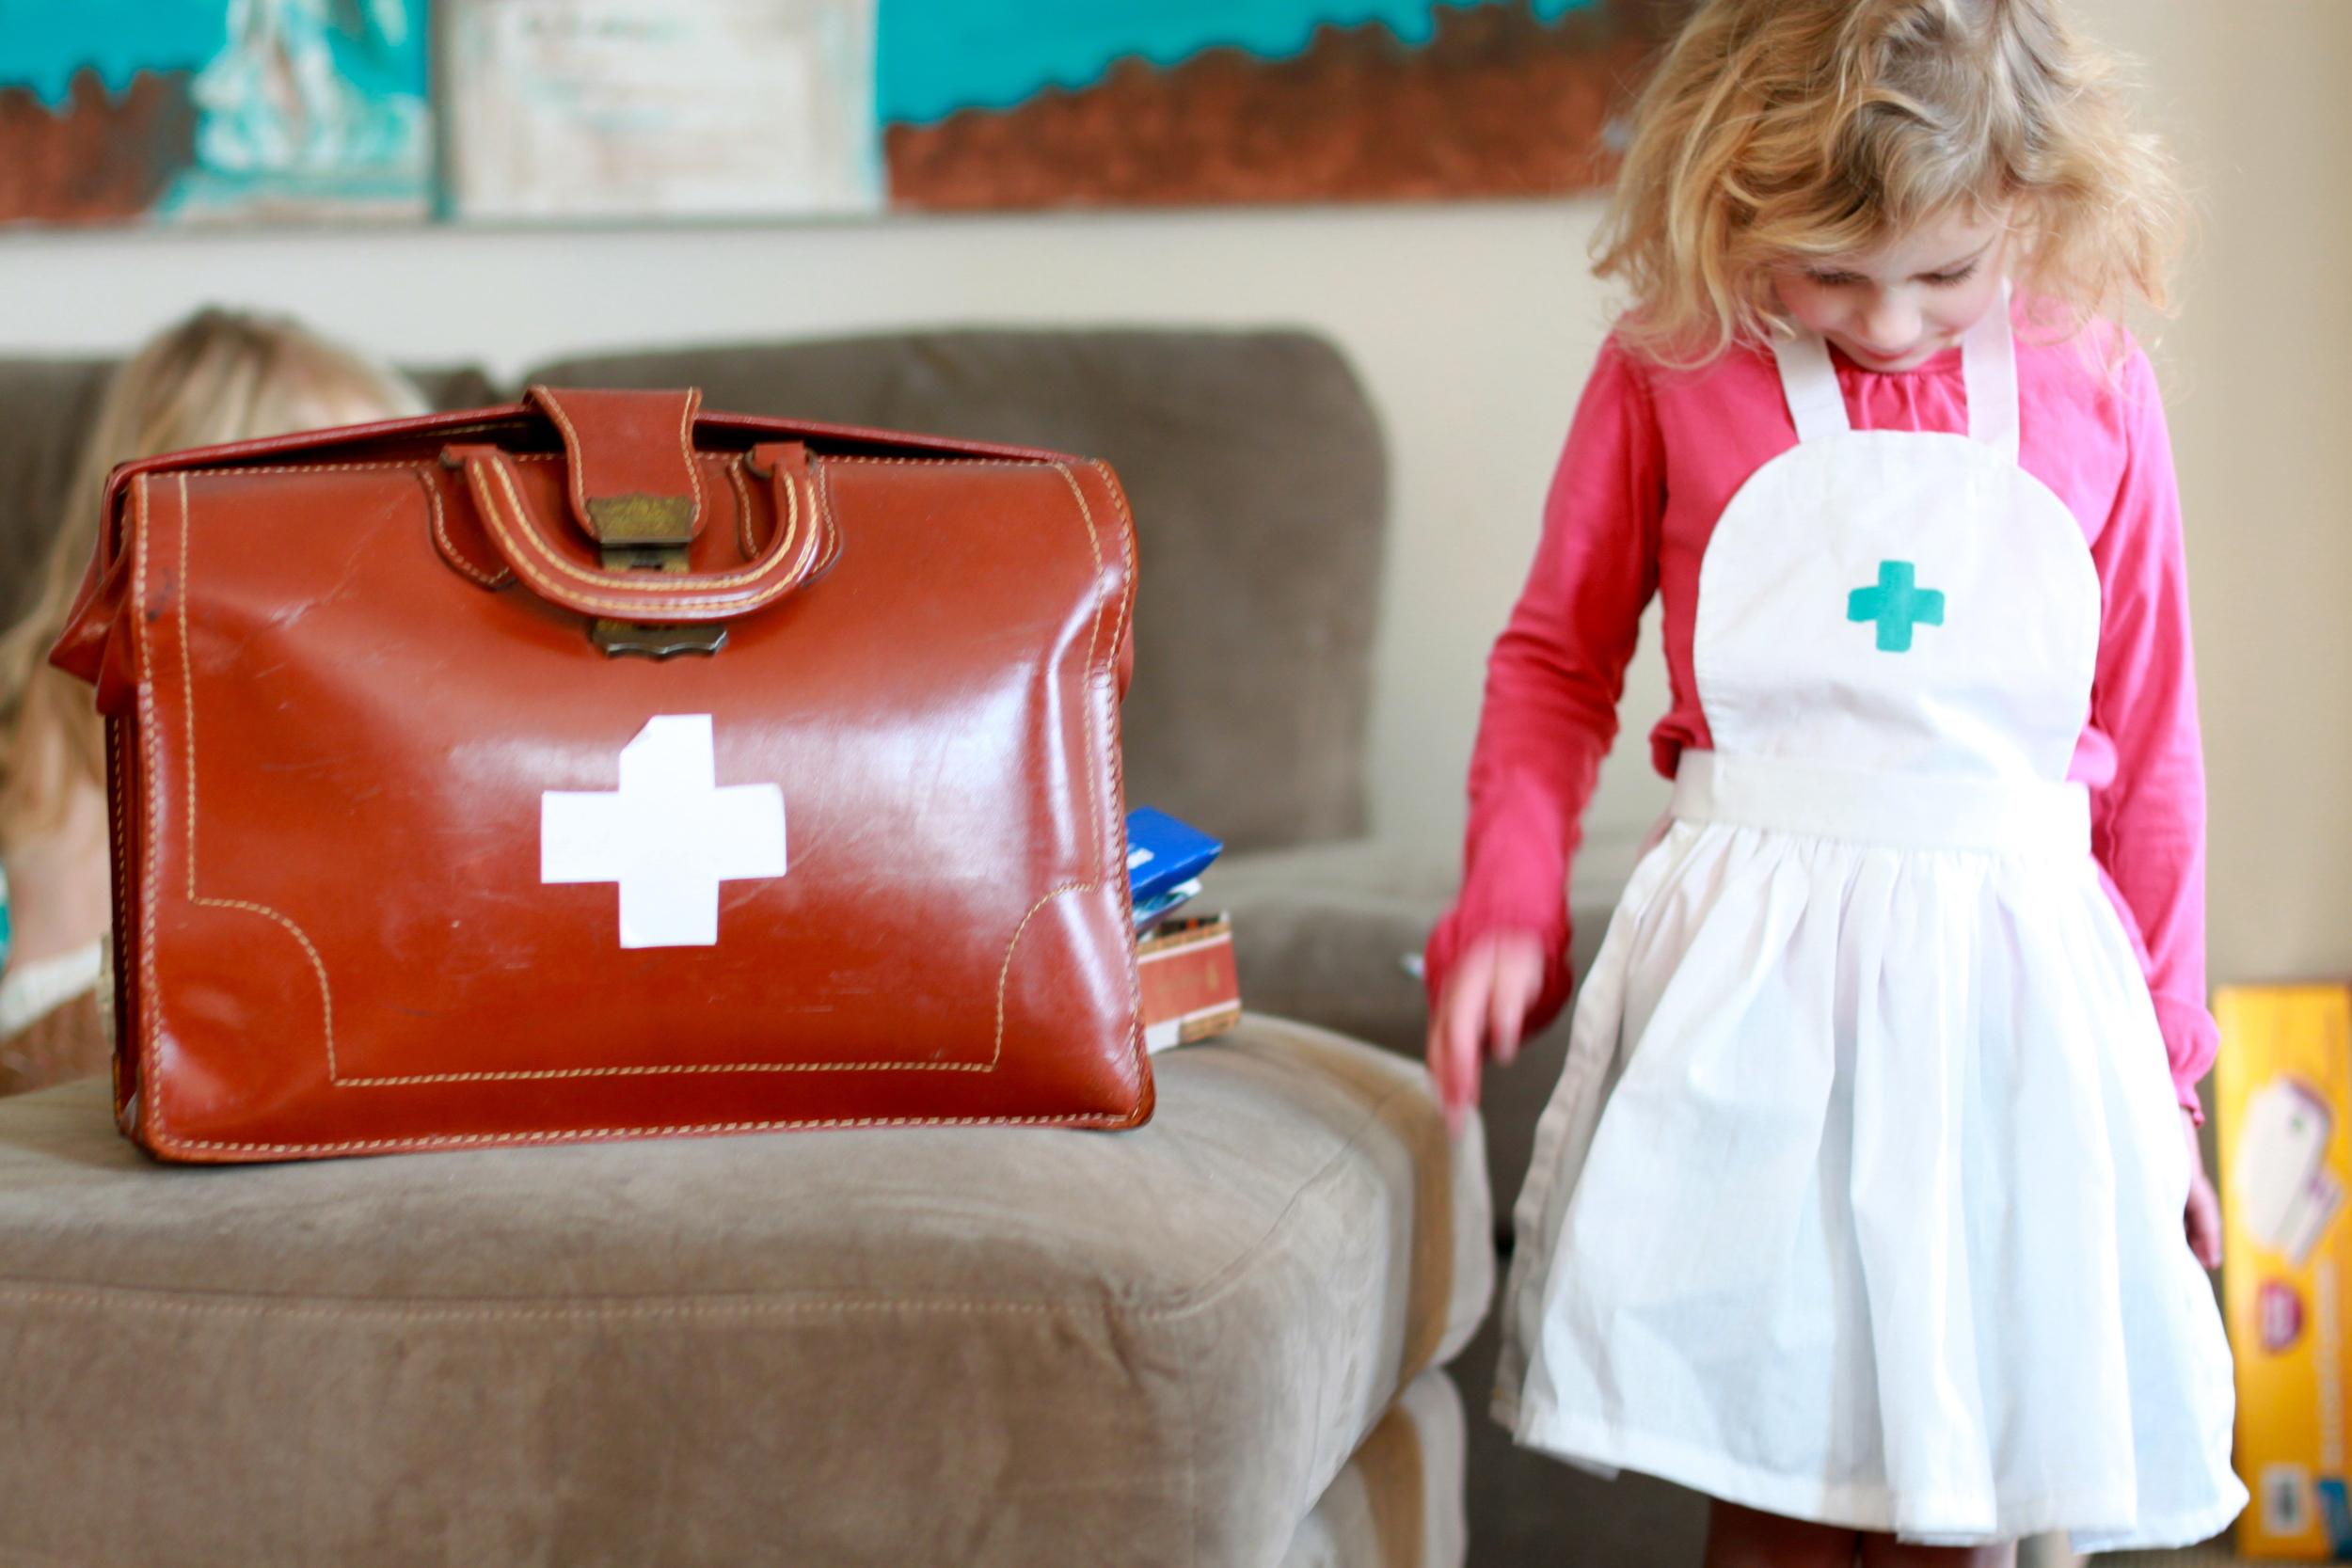 nurse's kit